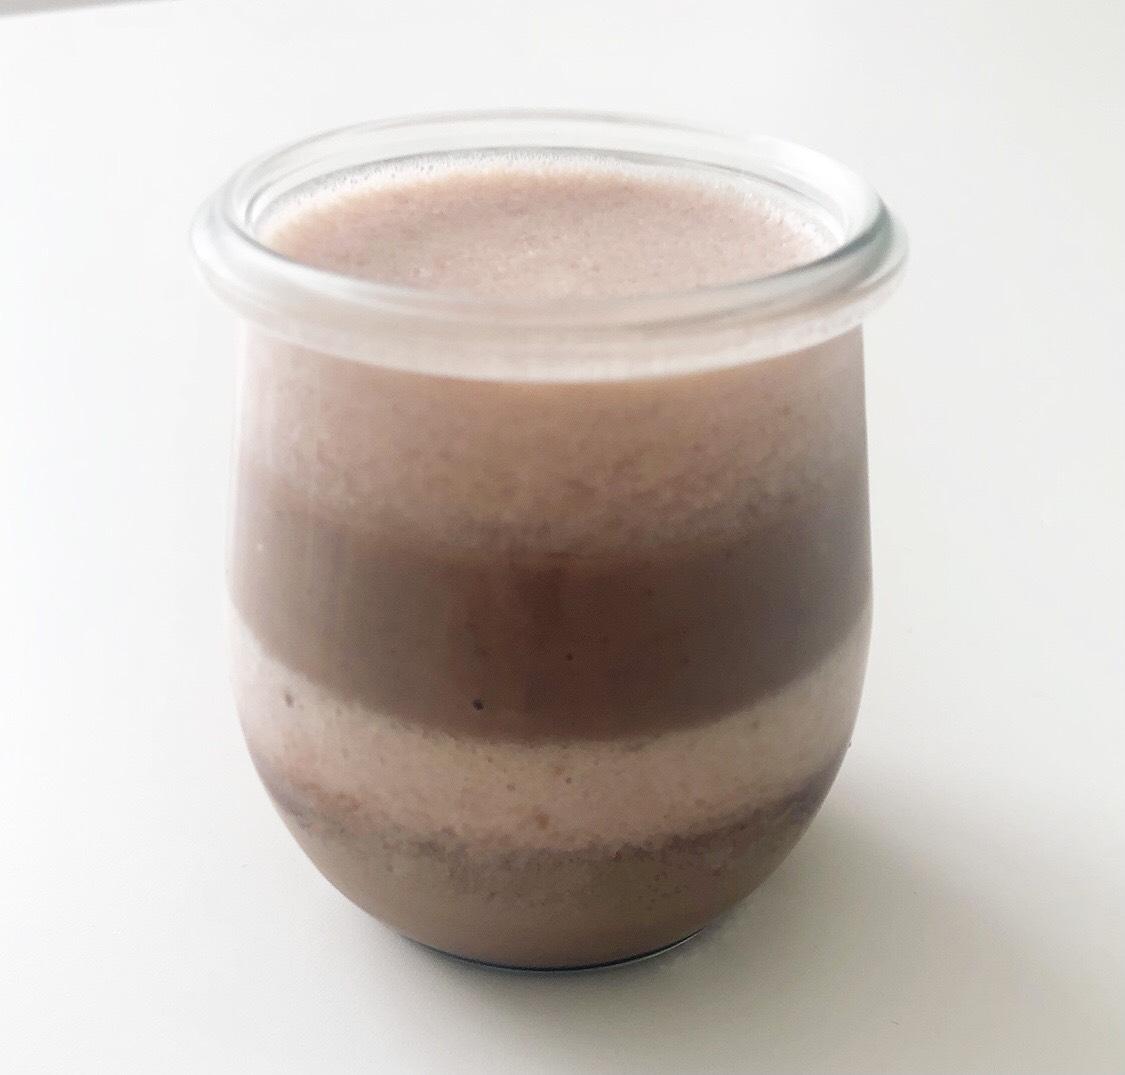 %e3%82%a4%e3%83%81%e3%82%b4%e3%83%9f%e3%83%ab%e3%82%af%e3%83%81%e3%83%a7%e3%82%b3%e3%83%ac%e3%83%bc%e3%83%88%e3%83%97%e3%83%aa%e3%83%b3-kaori-recipe-strawberry-milk-chocolate-purin-%e7%94%9c%e9%bb-12